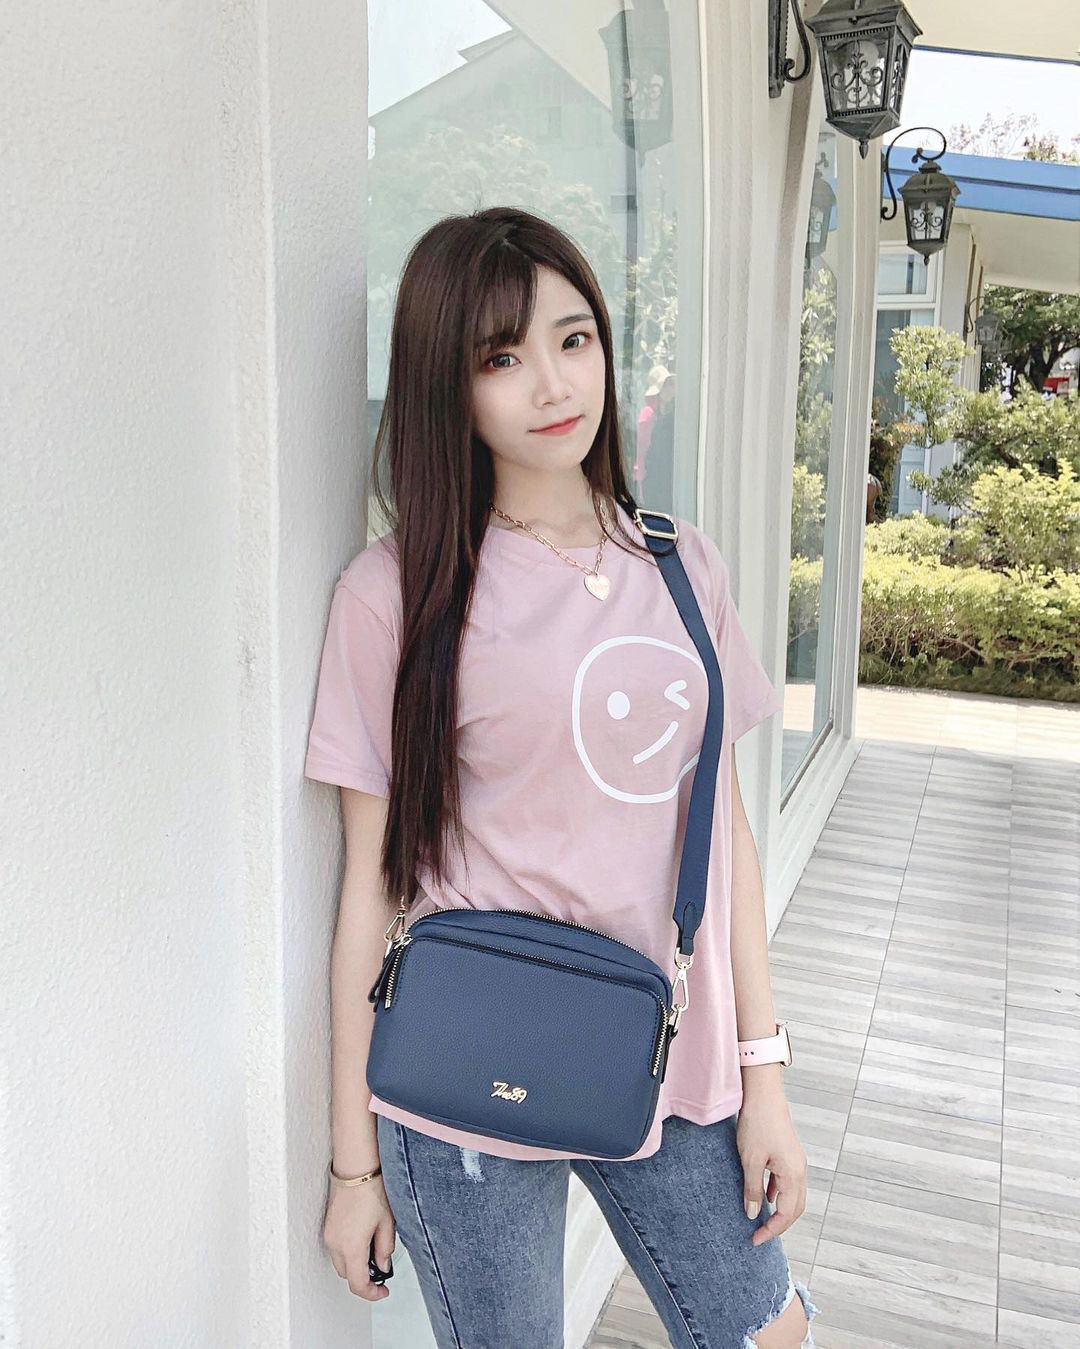 清纯甜美的正妹平面设计师Chen臻儿 多才多艺还有好身材 养眼图片 第11张